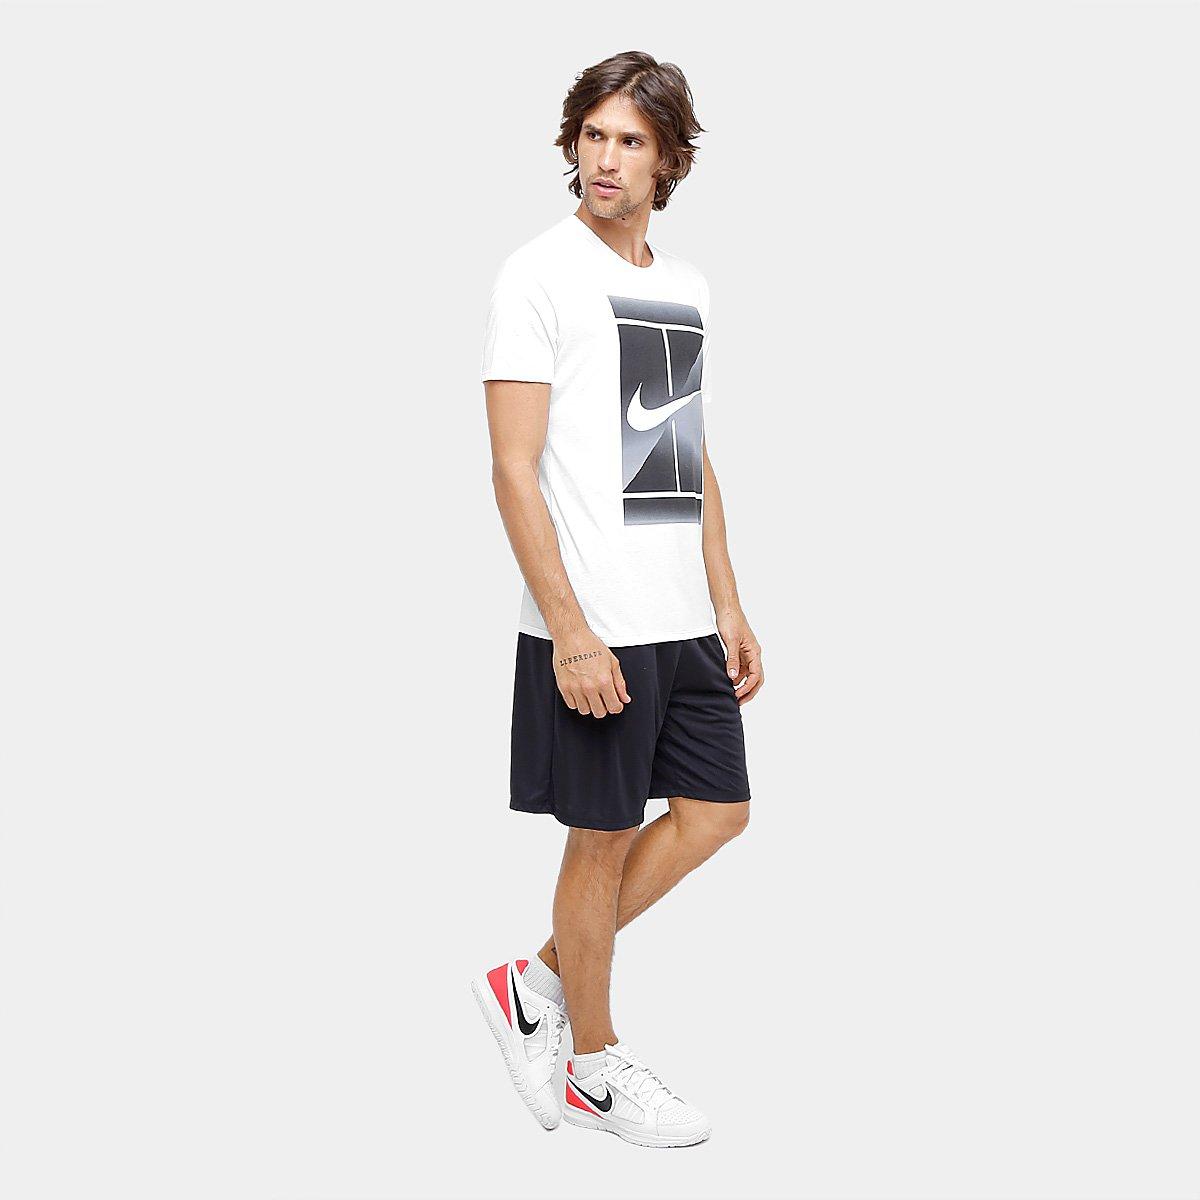 9dc7ac4ef4 Camiseta Nike Dry DBL Masculina - Compre Agora